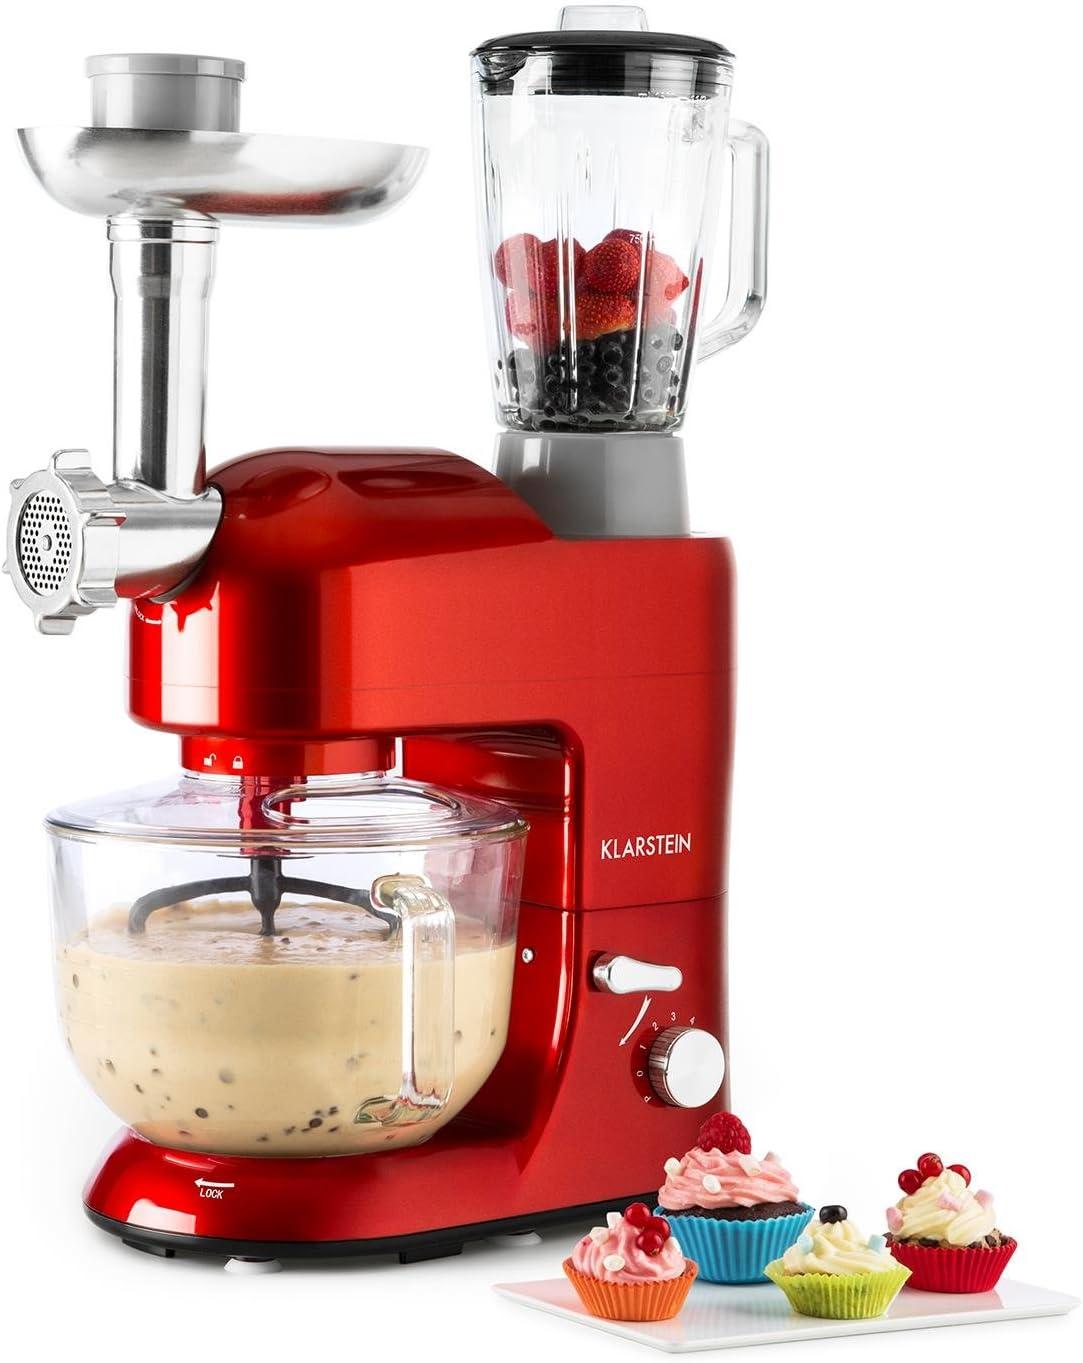 Klarstein Lucia Rossa 2G - Robot de cocina universal, Batidora, 1200 W, 5,2 Litros, Amasadora planetaria, Picadora de carne, Rodillo para pasta, Licuadora 1,5 Litros, 6 Velocidades, Rojo